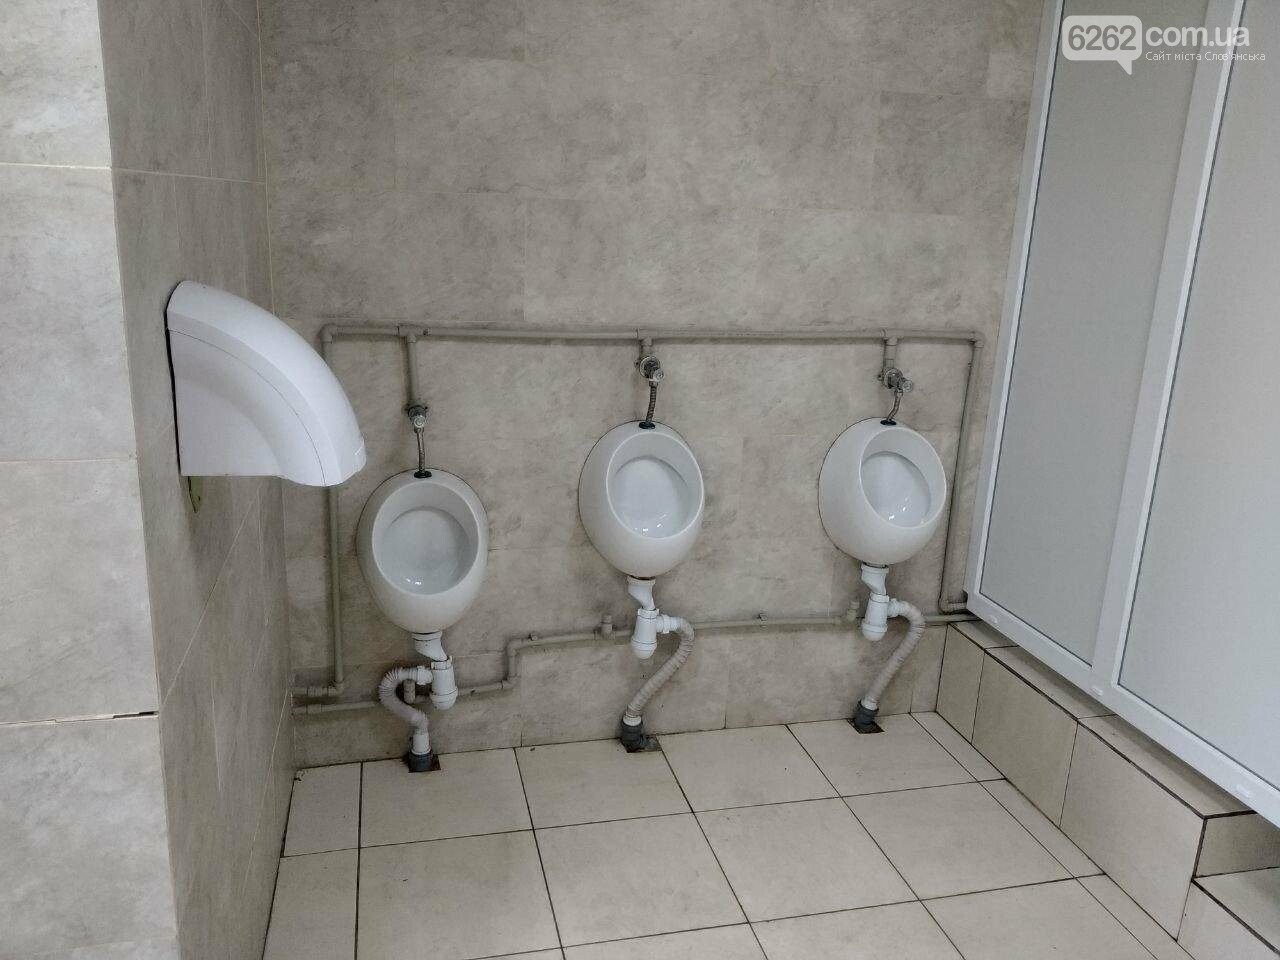 Відсутність замків на дверях та бруд. Що відбувається з туалетом за мільйон у парку Шовковичному, фото-2